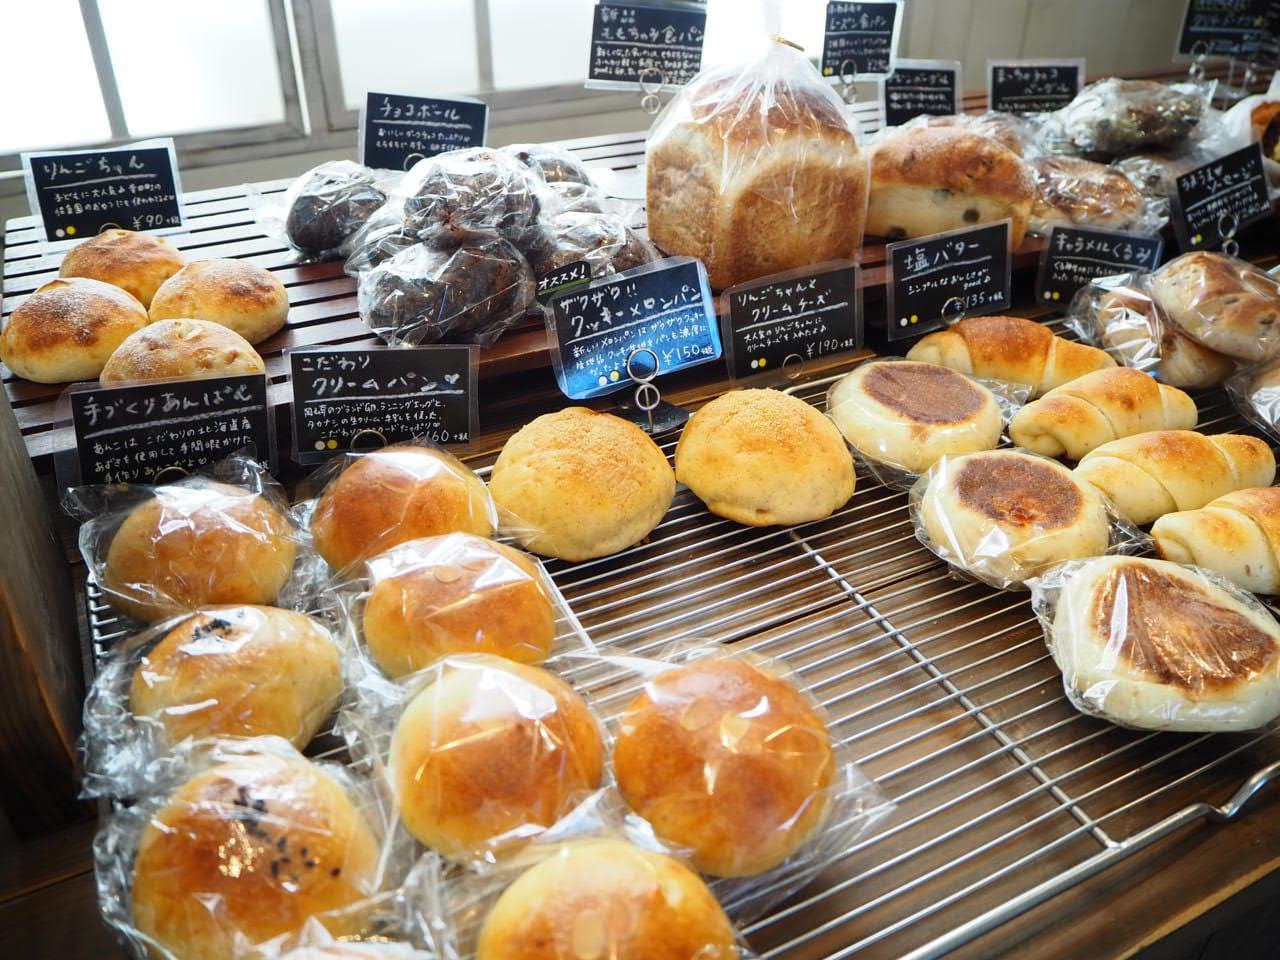 モモチャミブレッドのパン